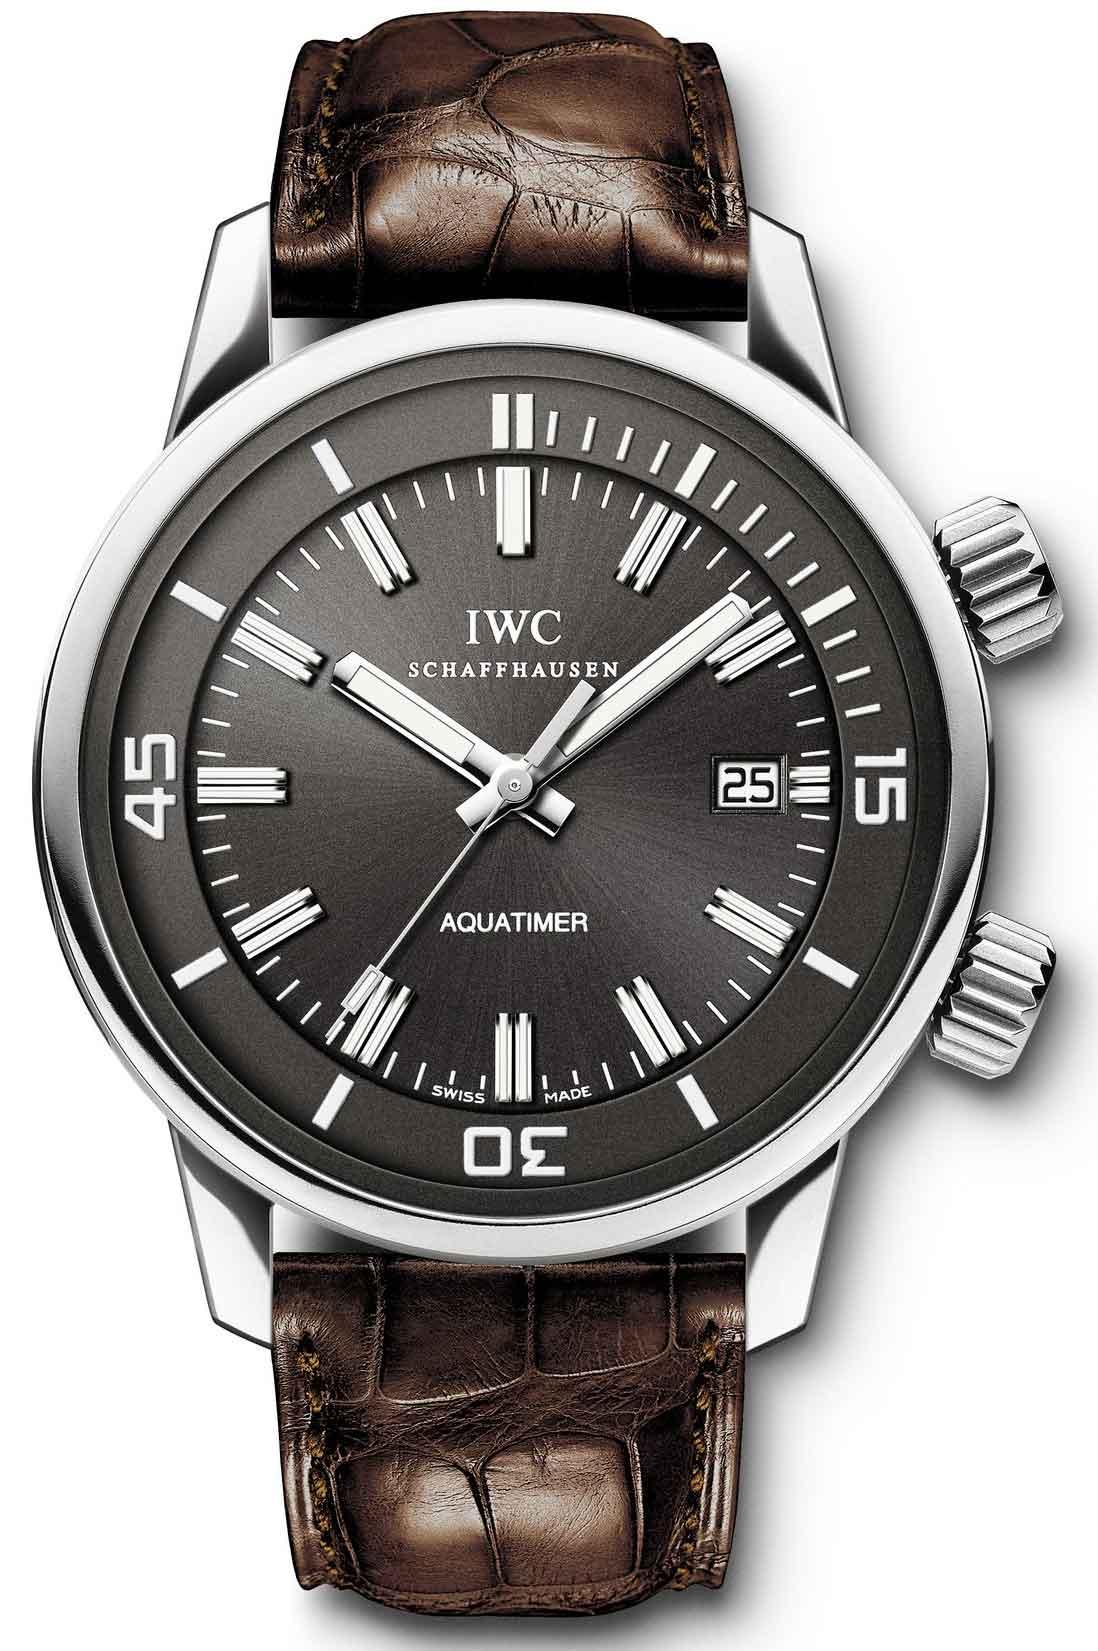 万国IWC-海洋时计自动1967系列 IW323104 男士机械表